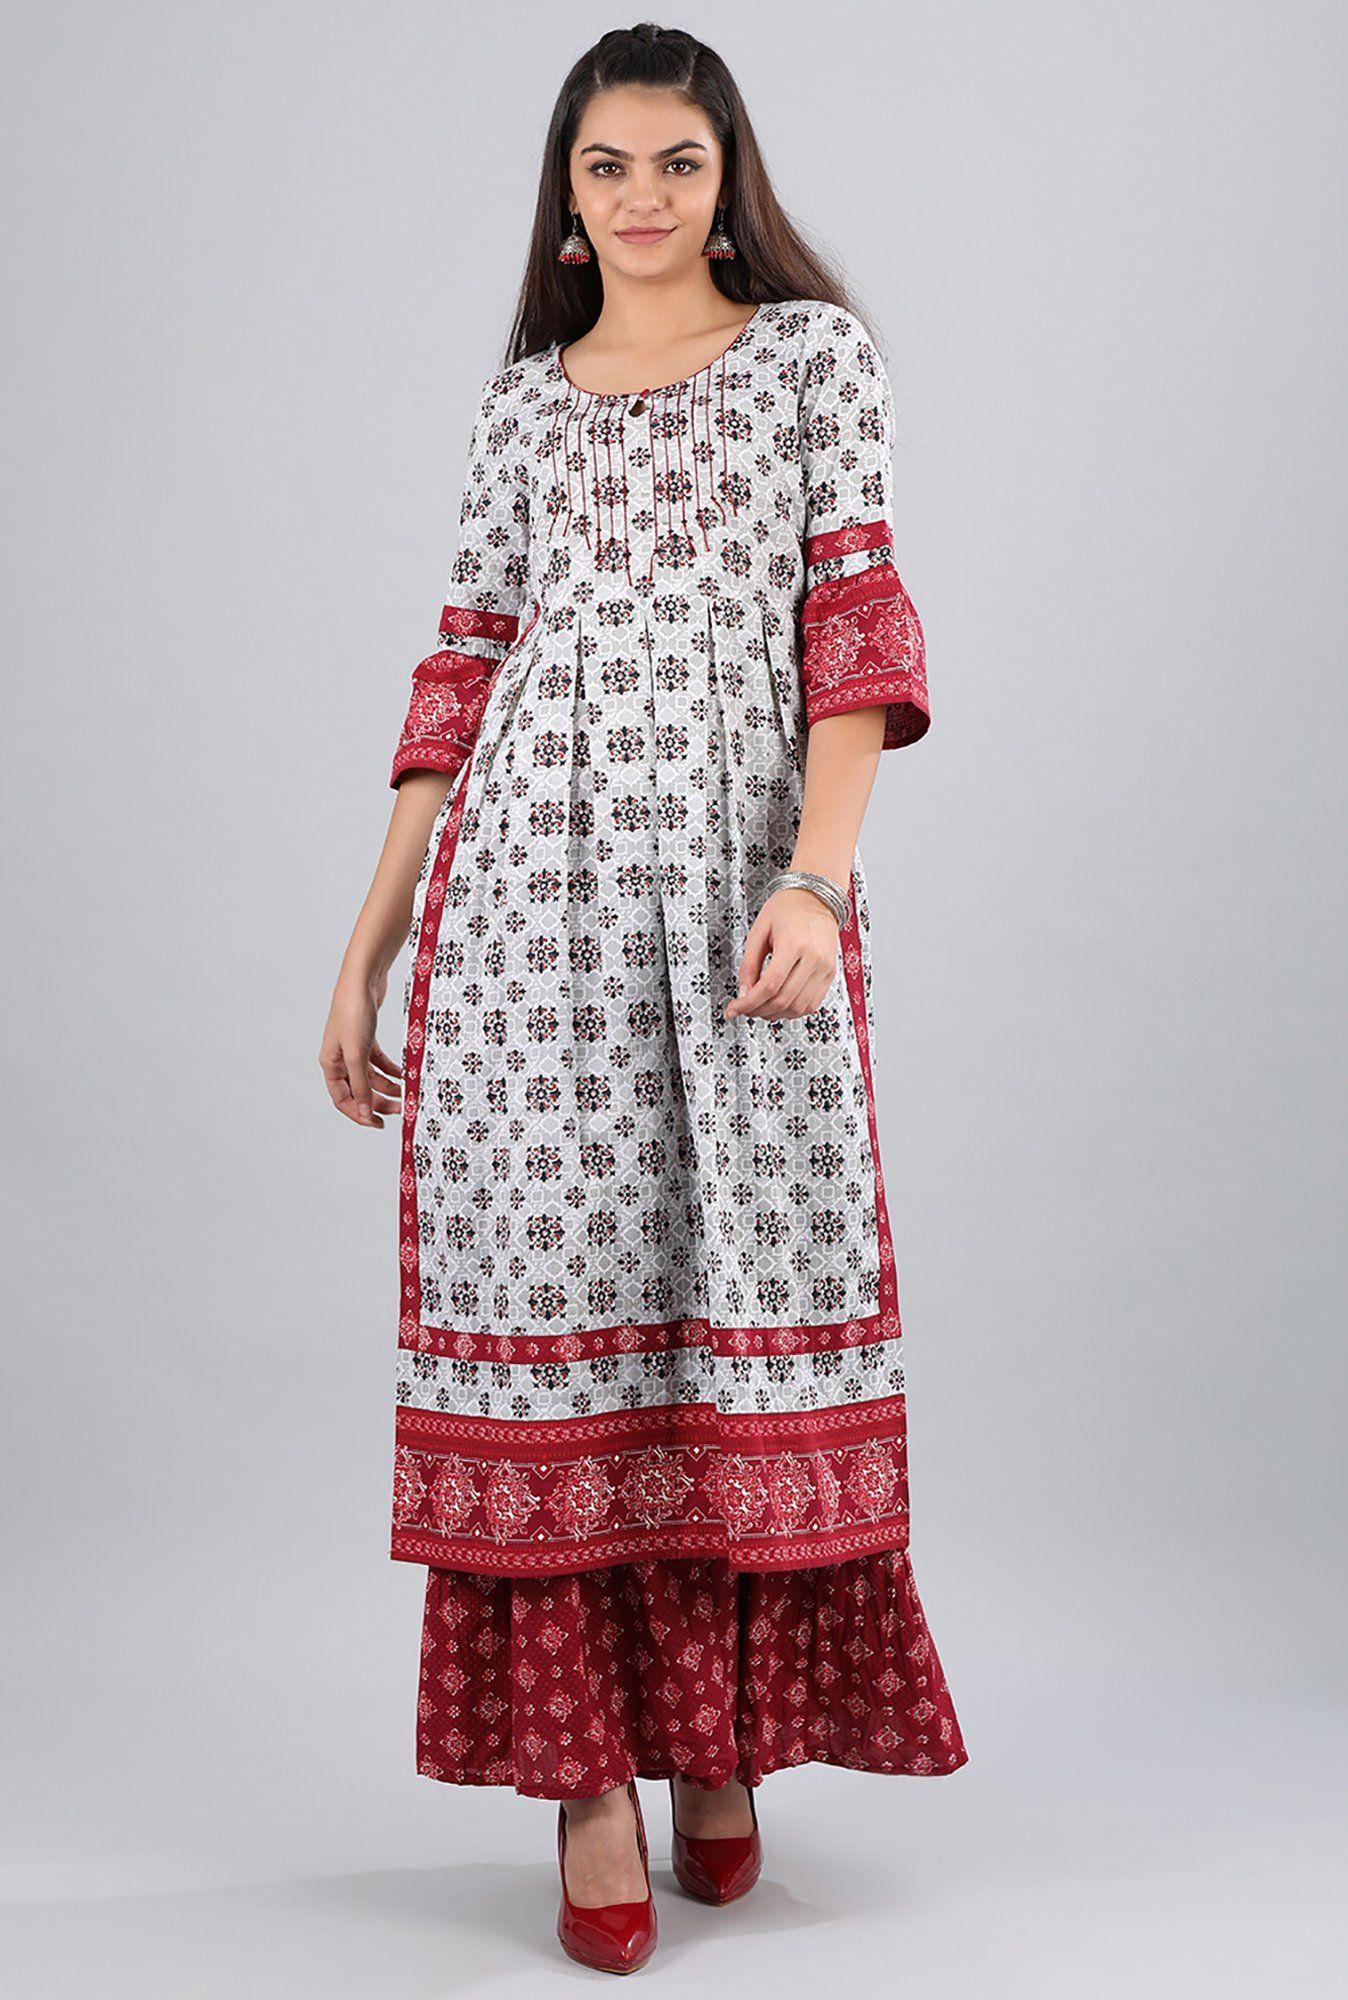 8cf2787c8e Aurelia Grey Round Neck Printed Cotton Kurta   kurta in 2019 ...